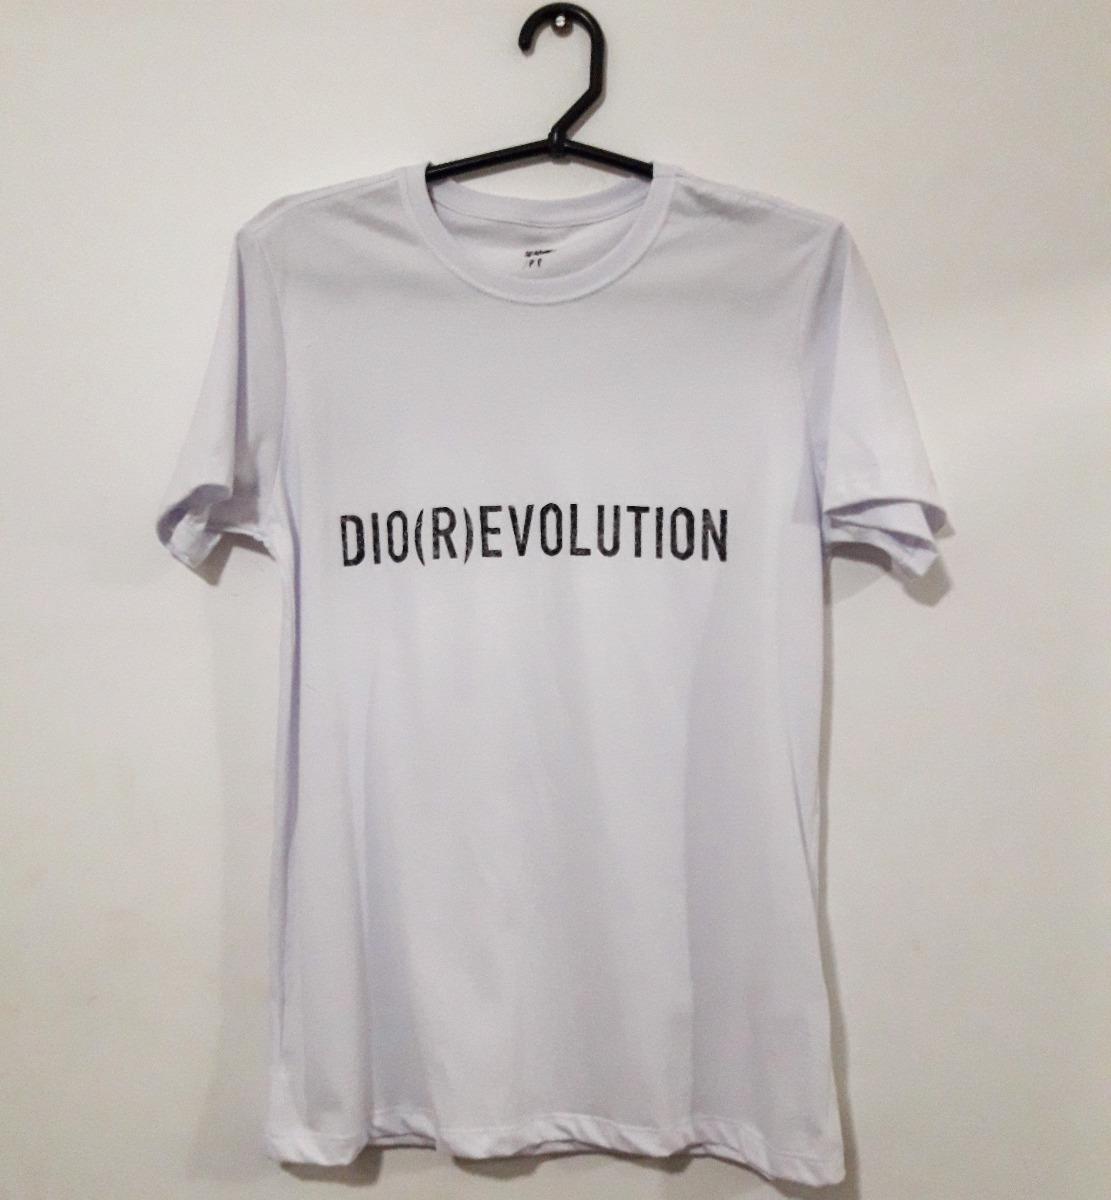 Camiseta De Grife Dior Evolution Christian Dior - R  77 7a6f9ef7803